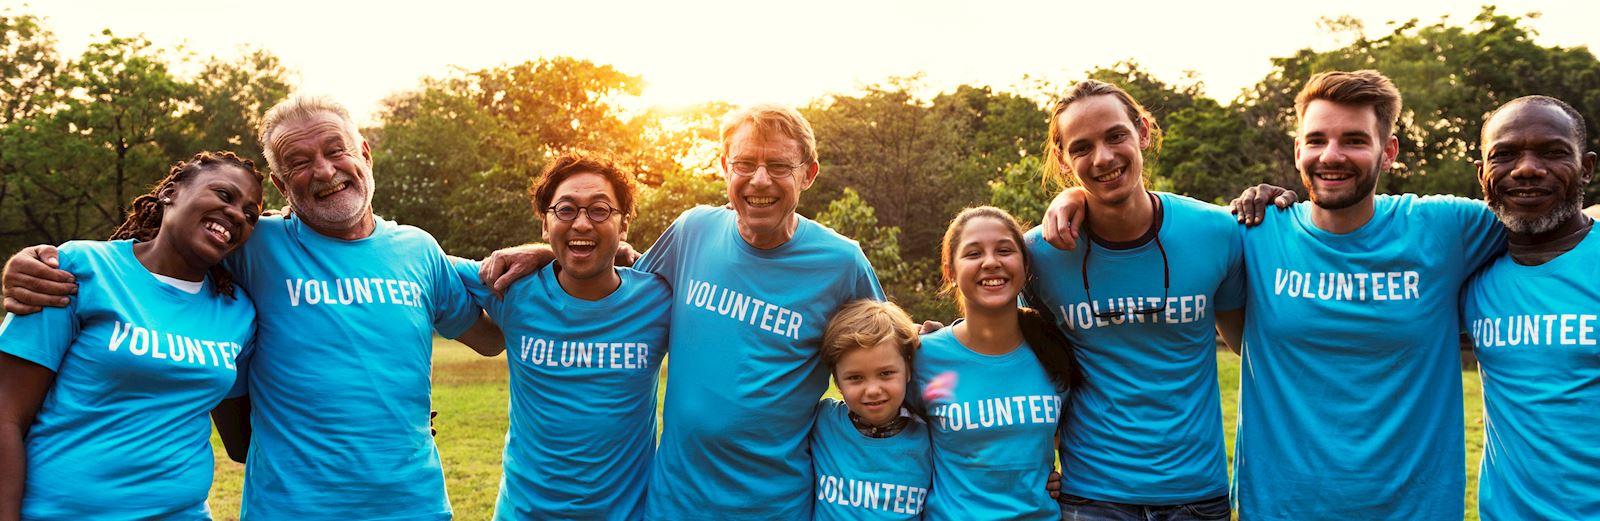 volunteers legs cropped.jpg